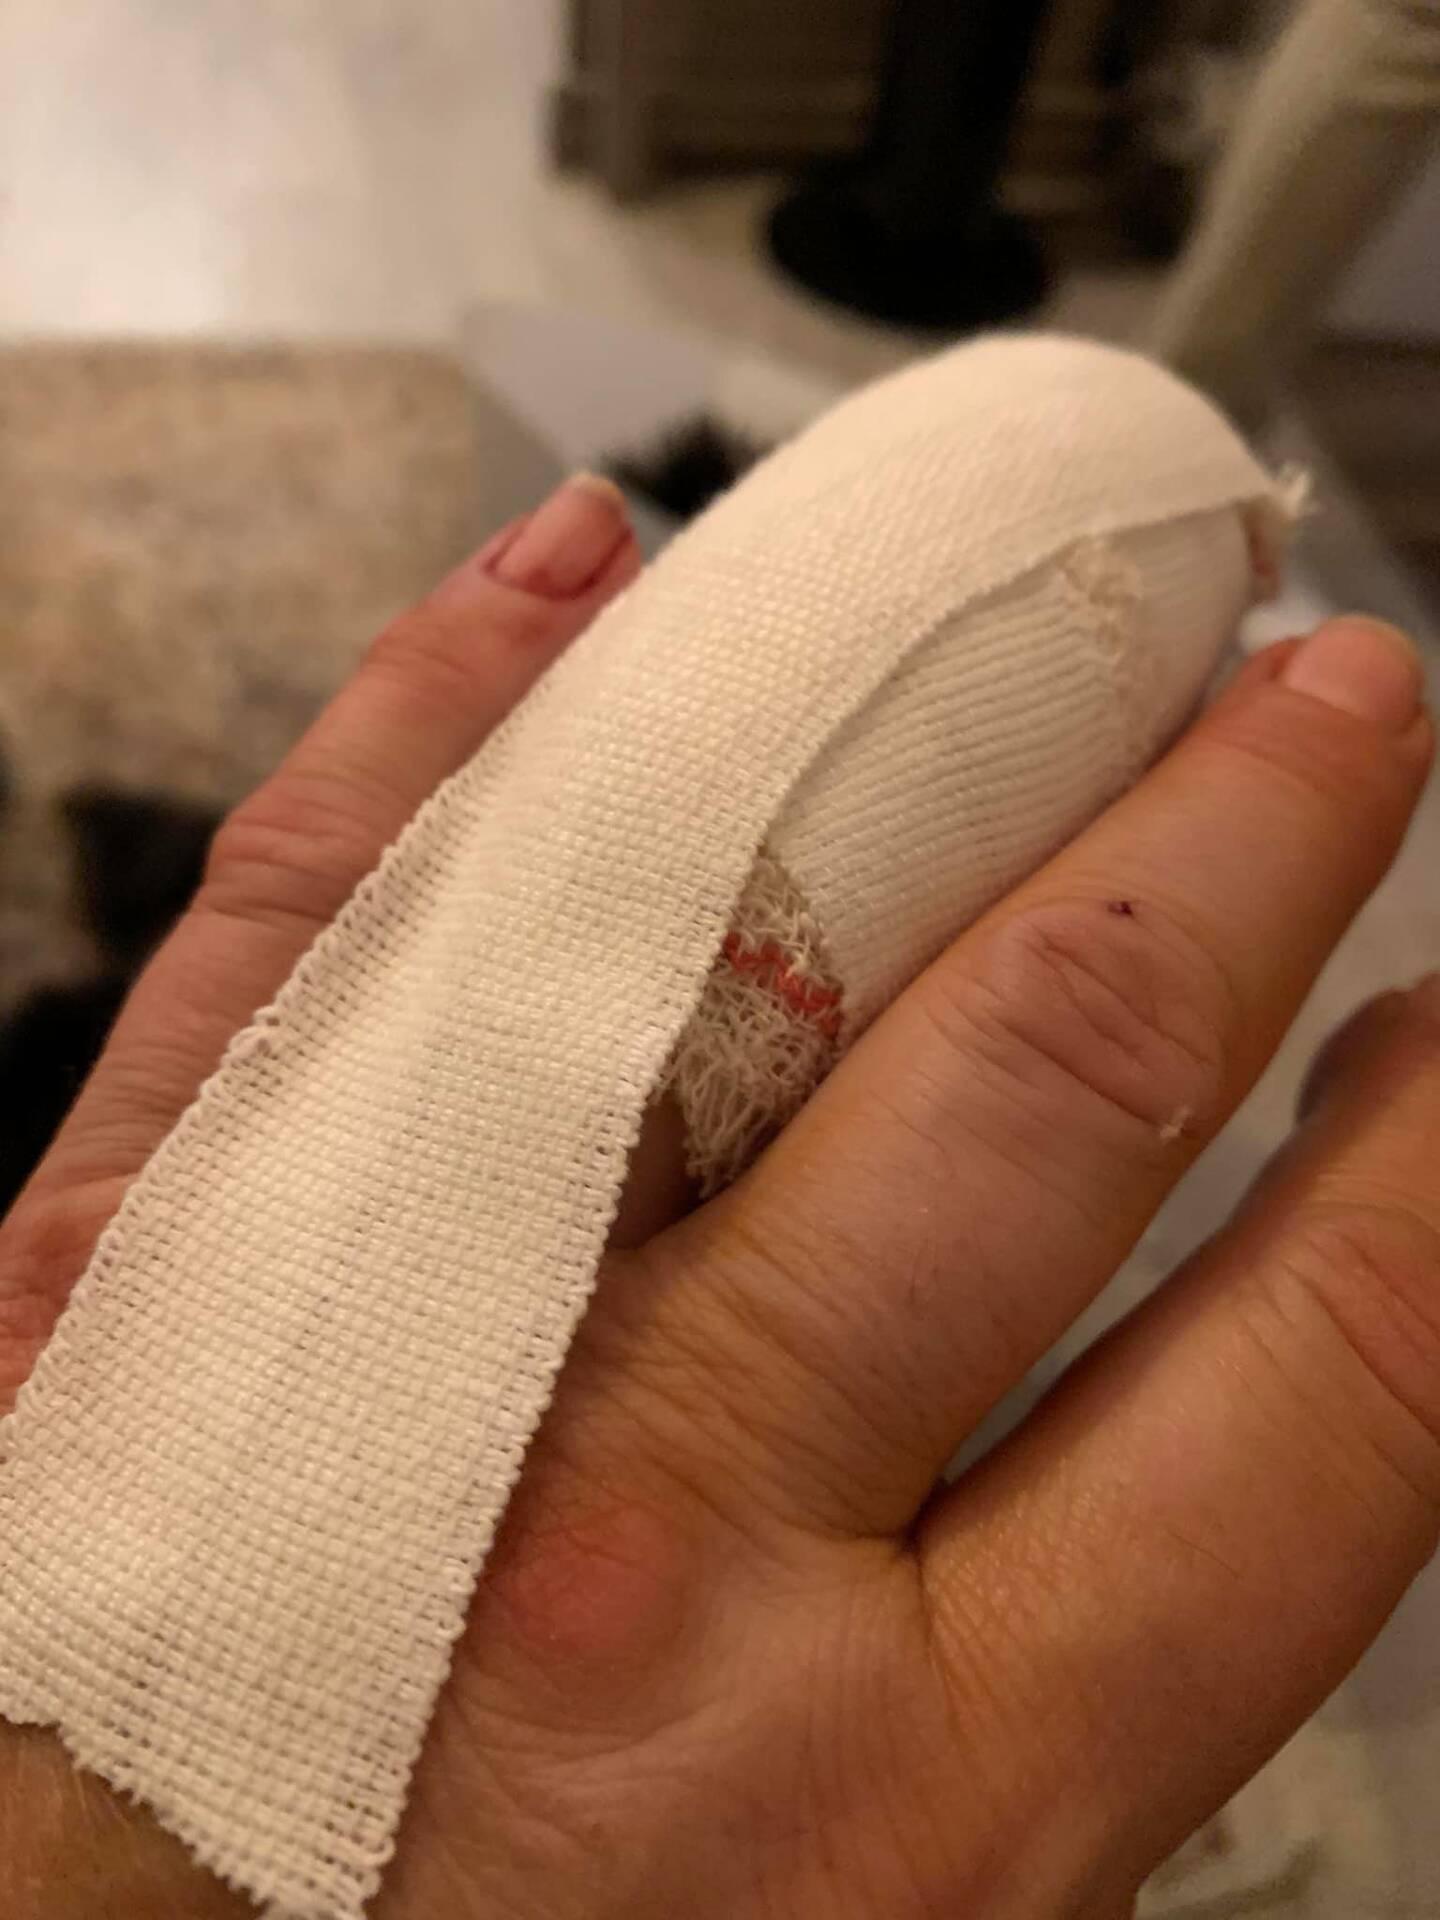 La propriétaire a été blessée au doigt et transféré à la clinique Oxford de Cannes.